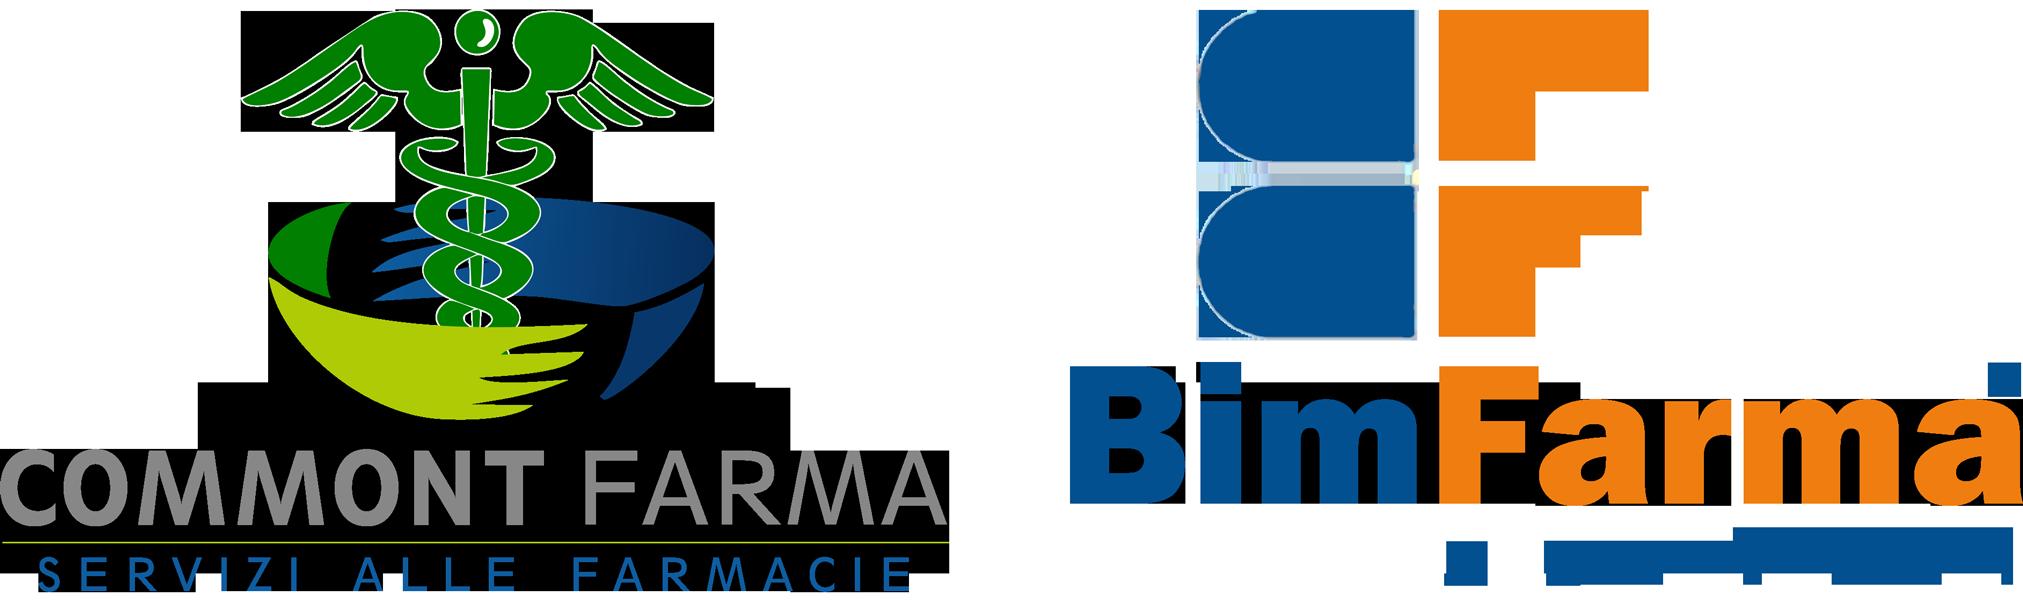 Commont Service - Bimfarma Servizi